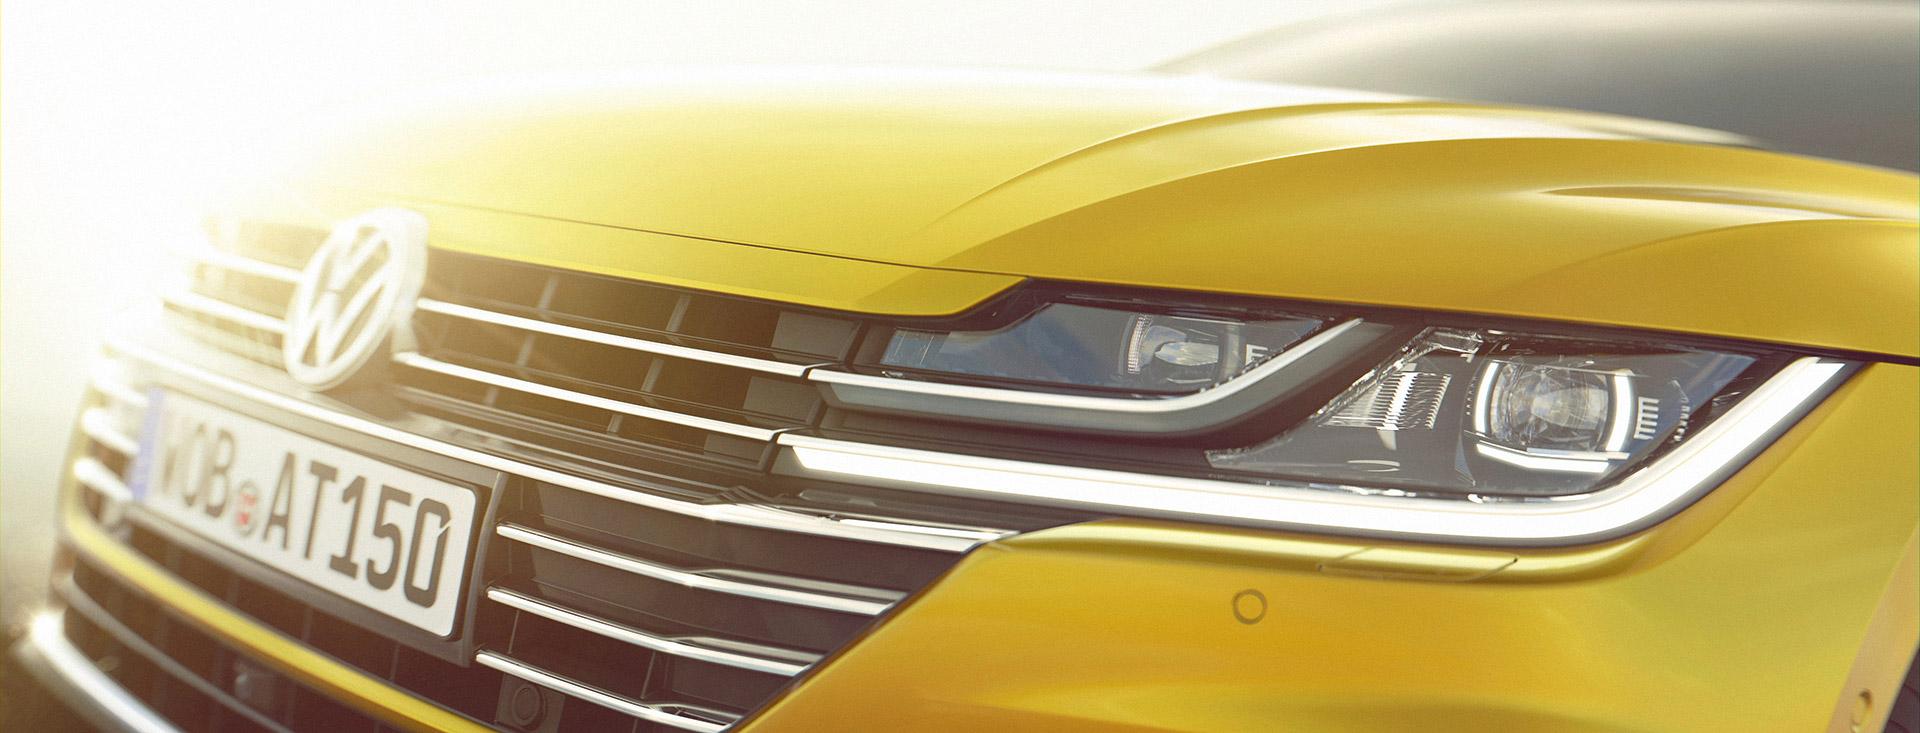 Volkswagen Teases Arteon Grand Tourer Ahead of Geneva